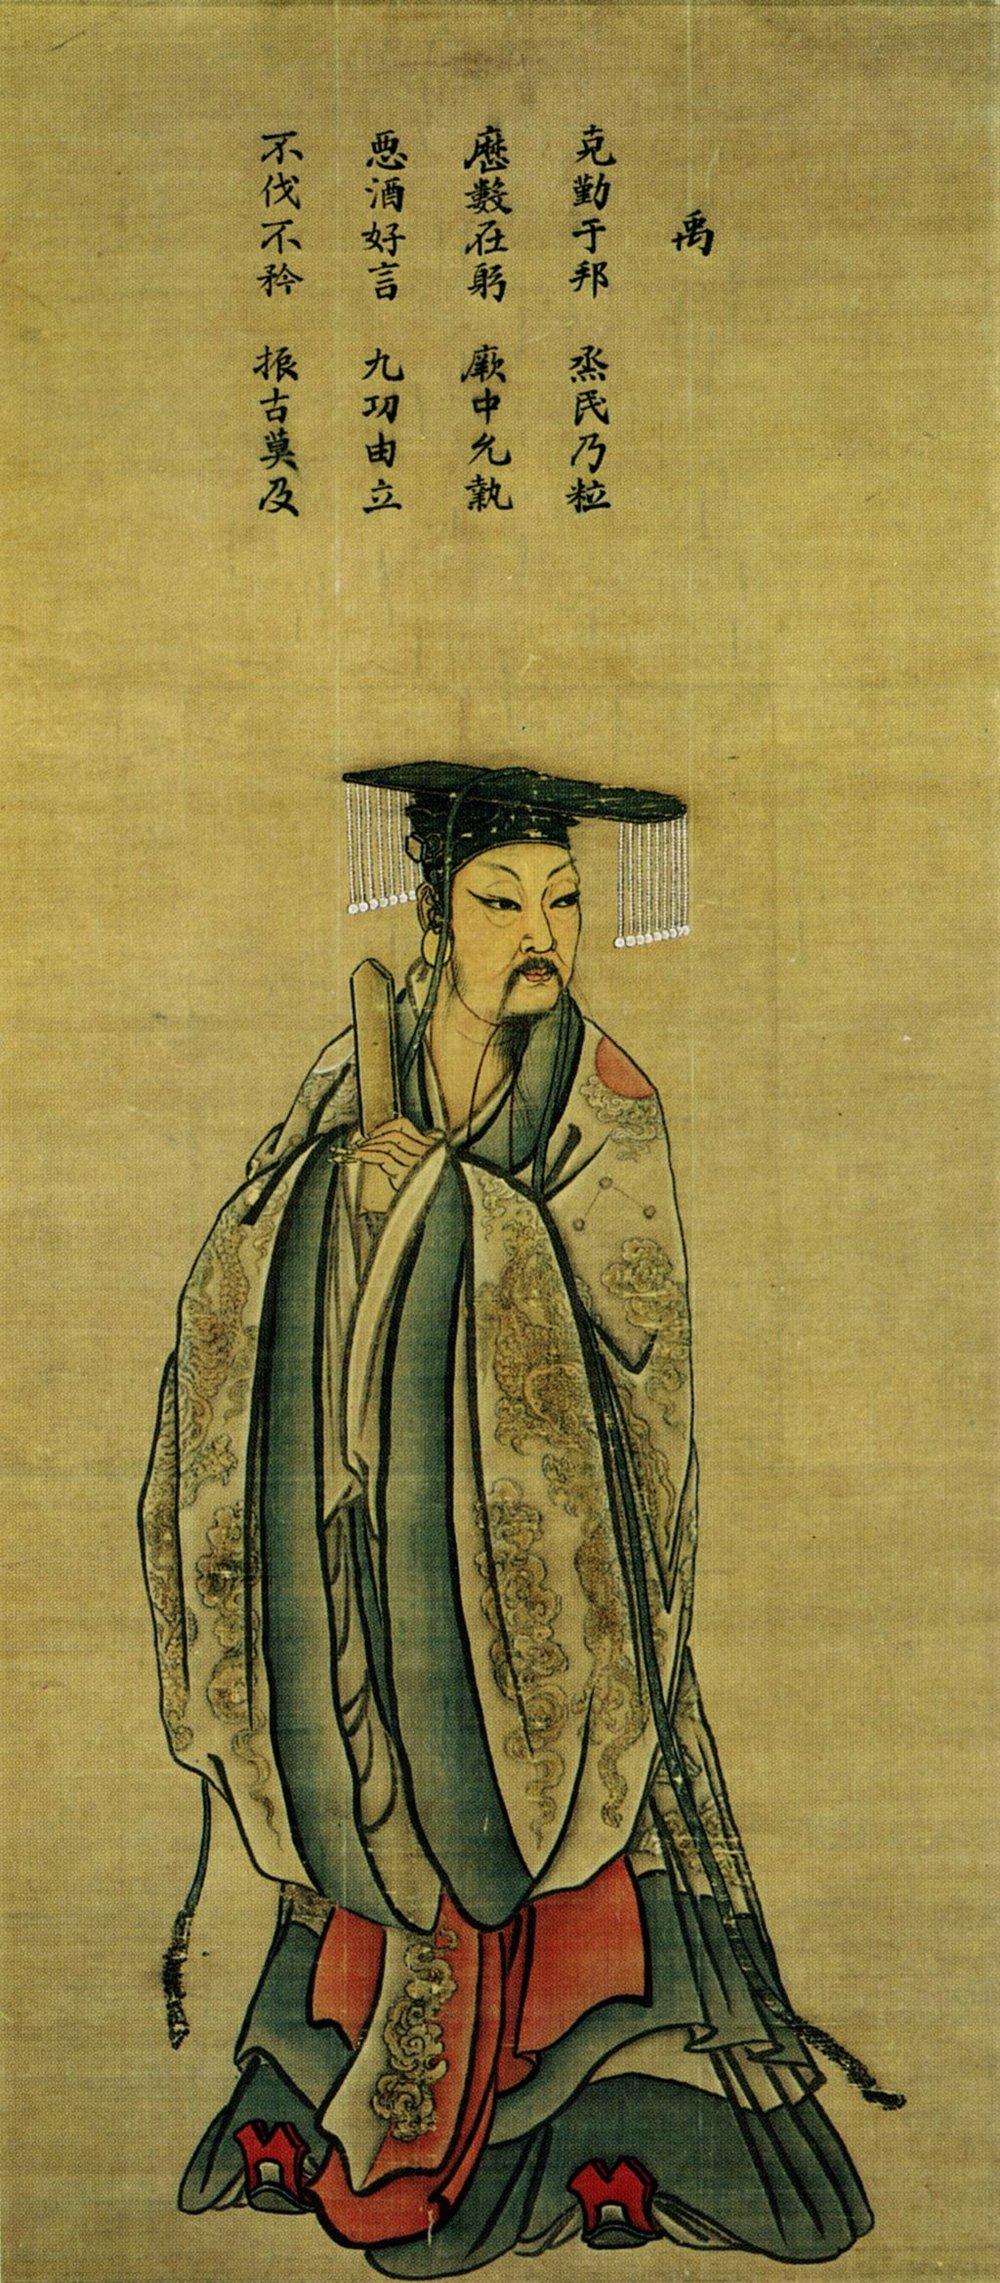 King Yu of Xia |  Ma Lin/Wikimedia Commons